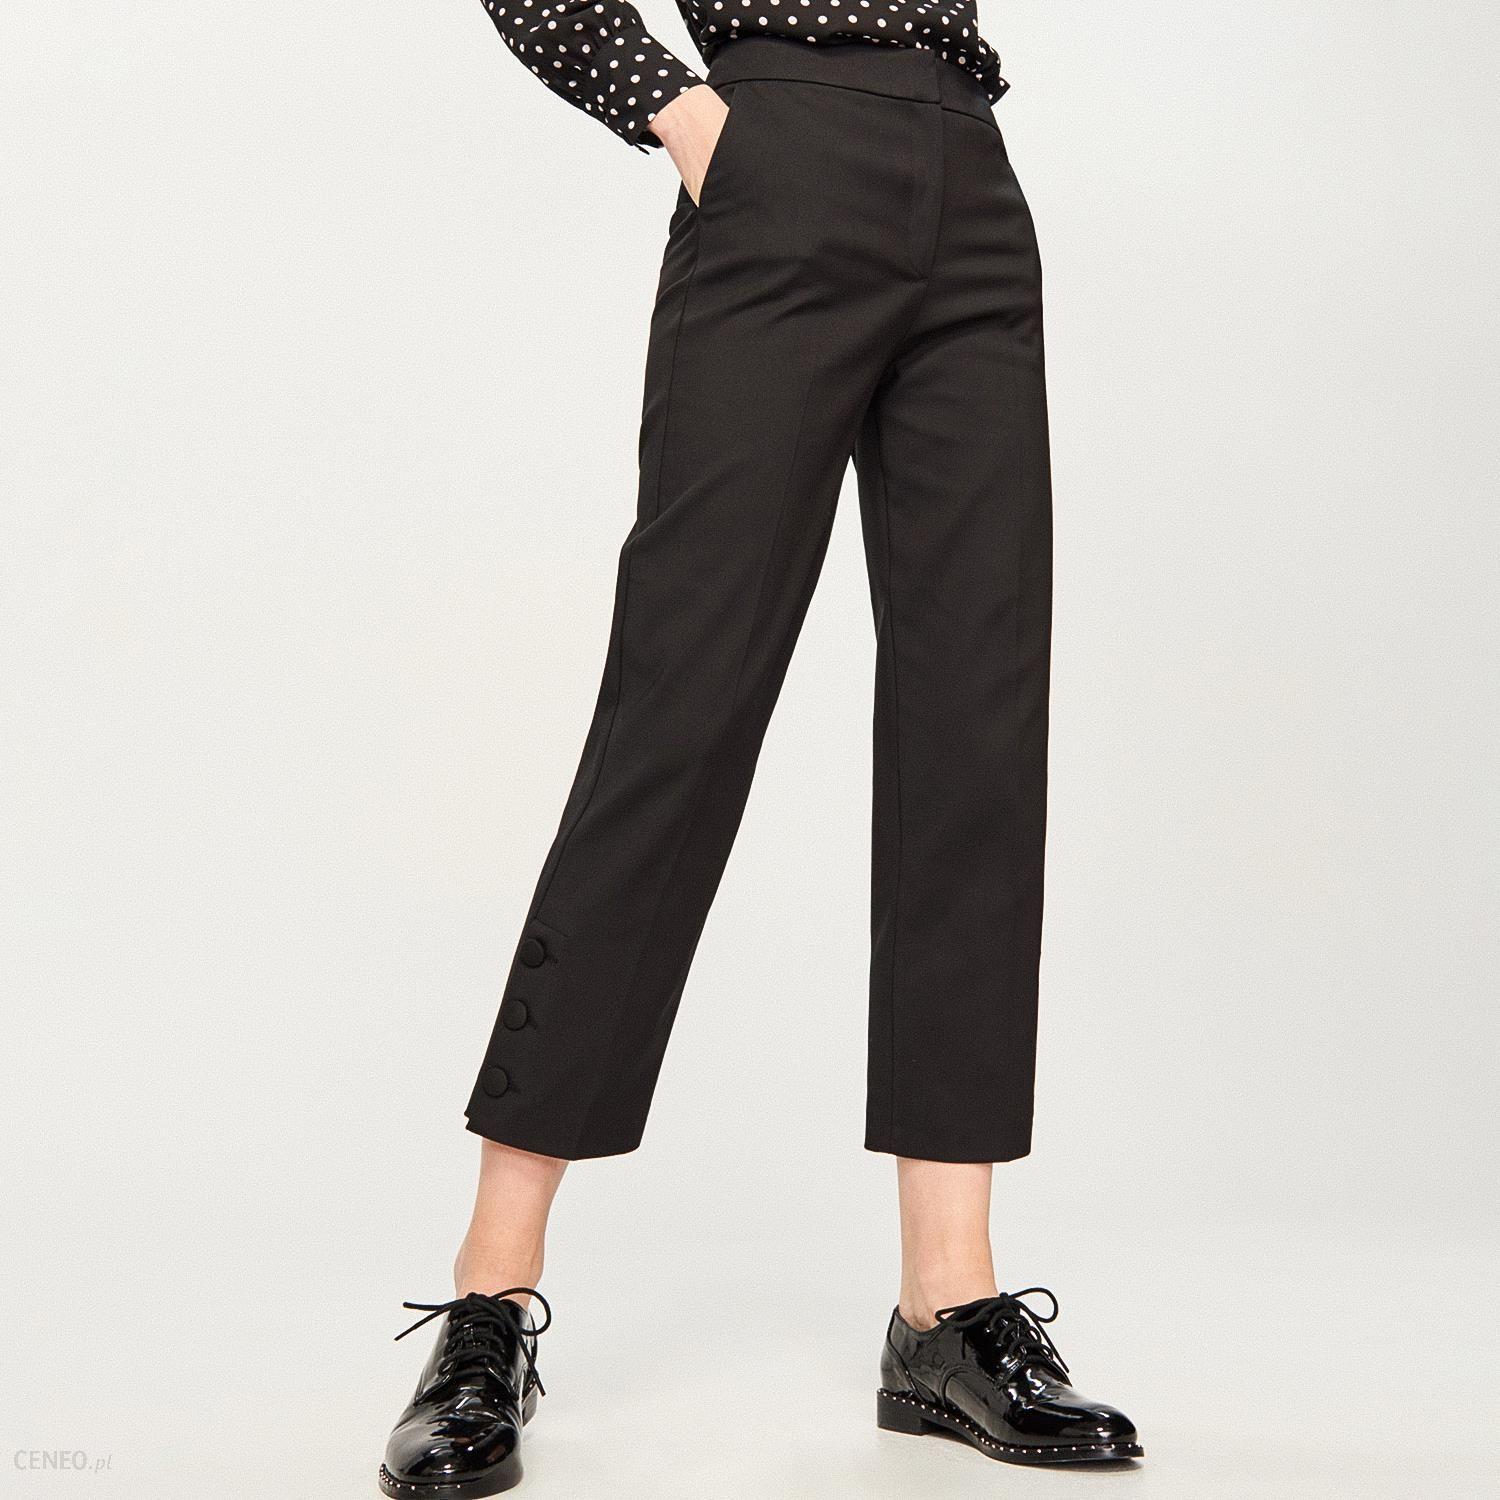 33a2386f62ba Reserved - Spodnie z podwyższonym stanem - Czarny - Ceny i opinie ...